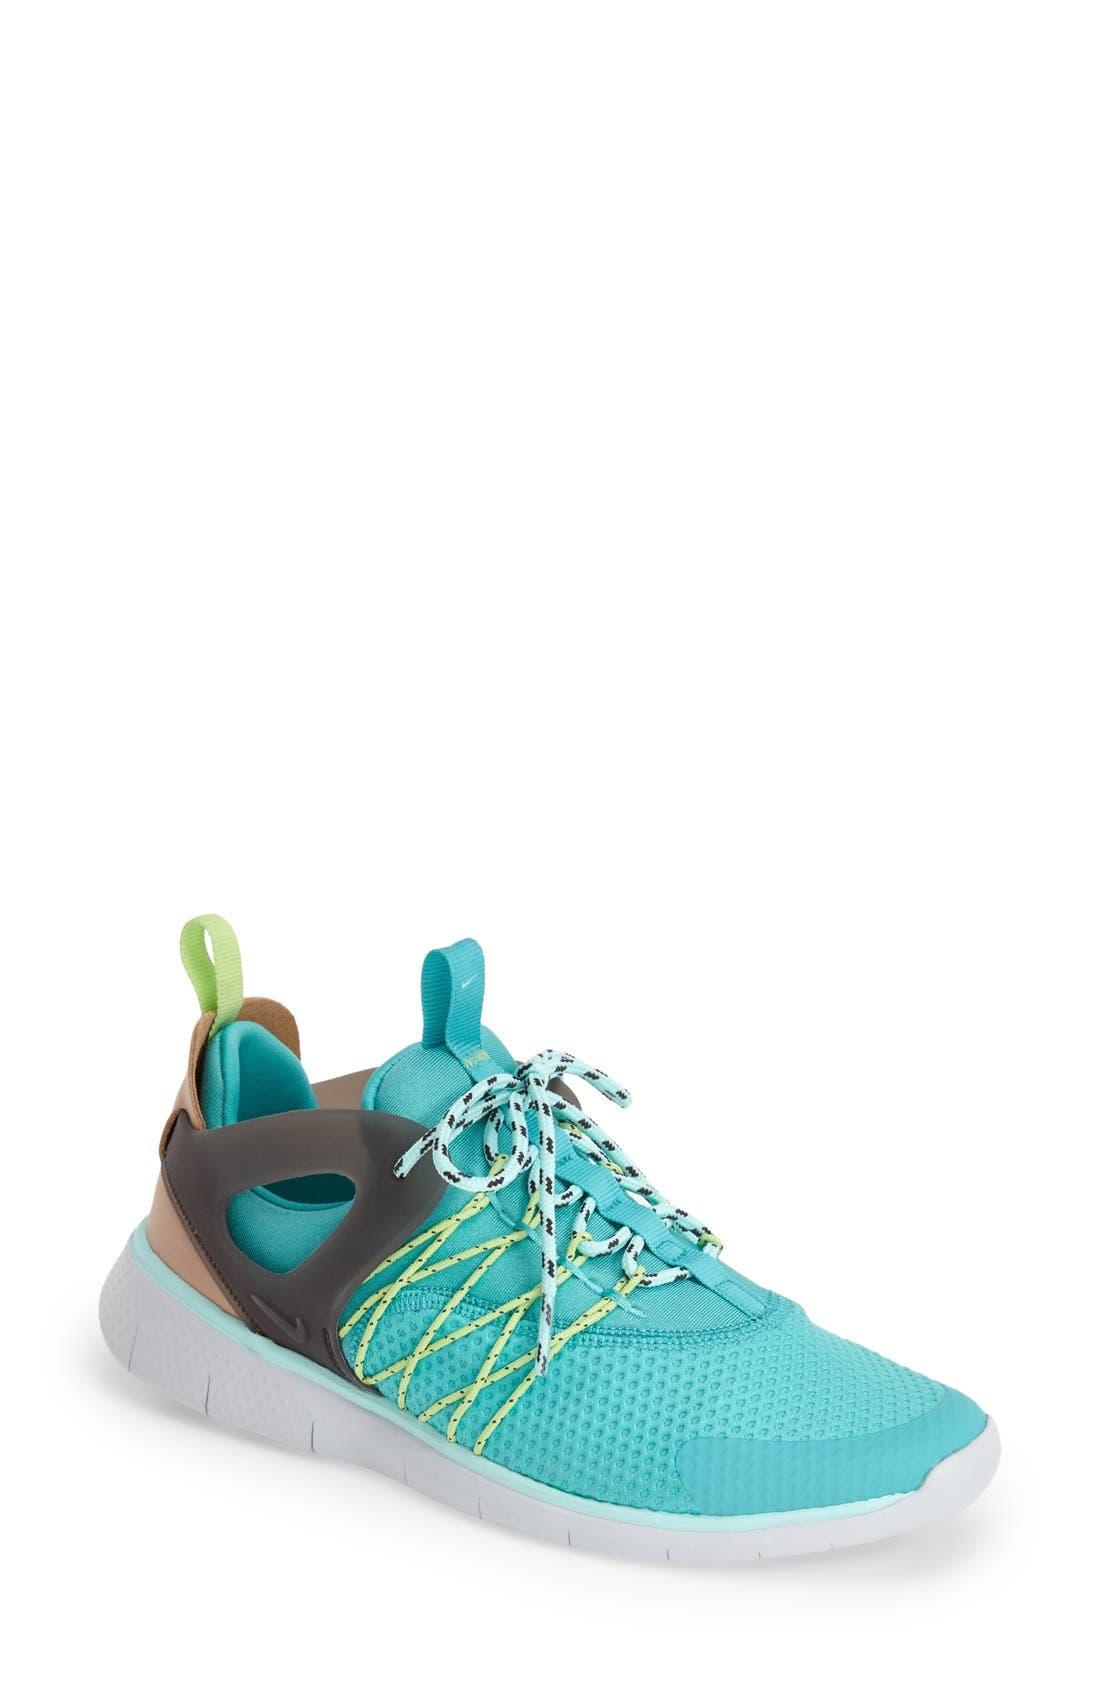 Main Image - Nike 'Free 3.0 Virtus' Sneaker (Women)